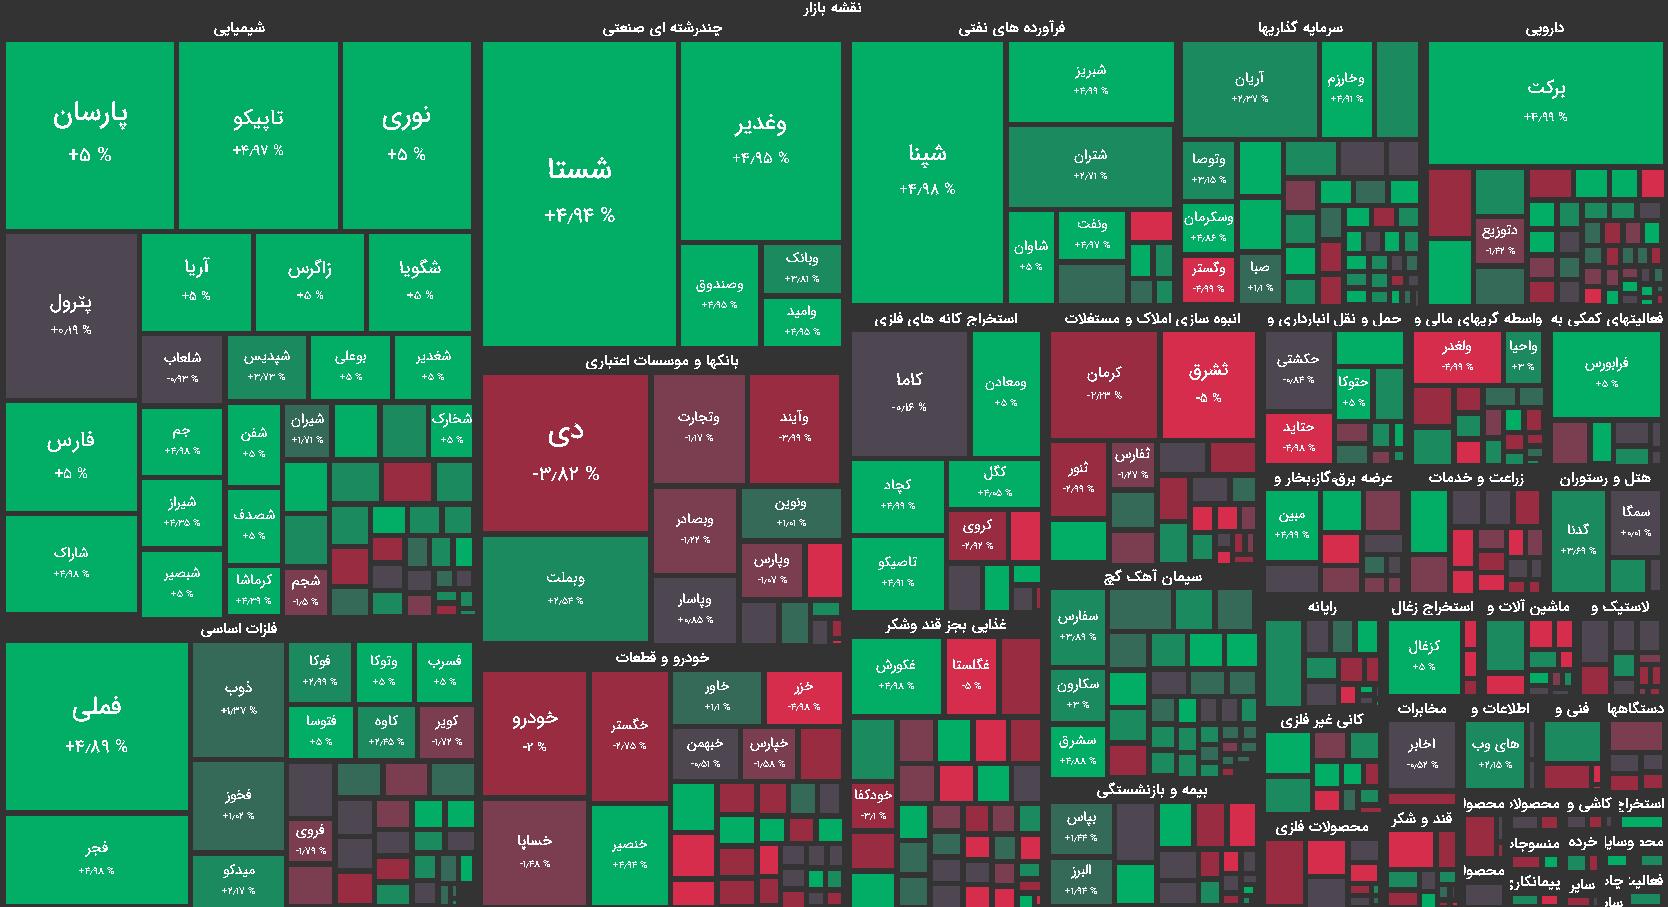 نقشه بازار بورس امروز چهارشنبه 13 مرداد